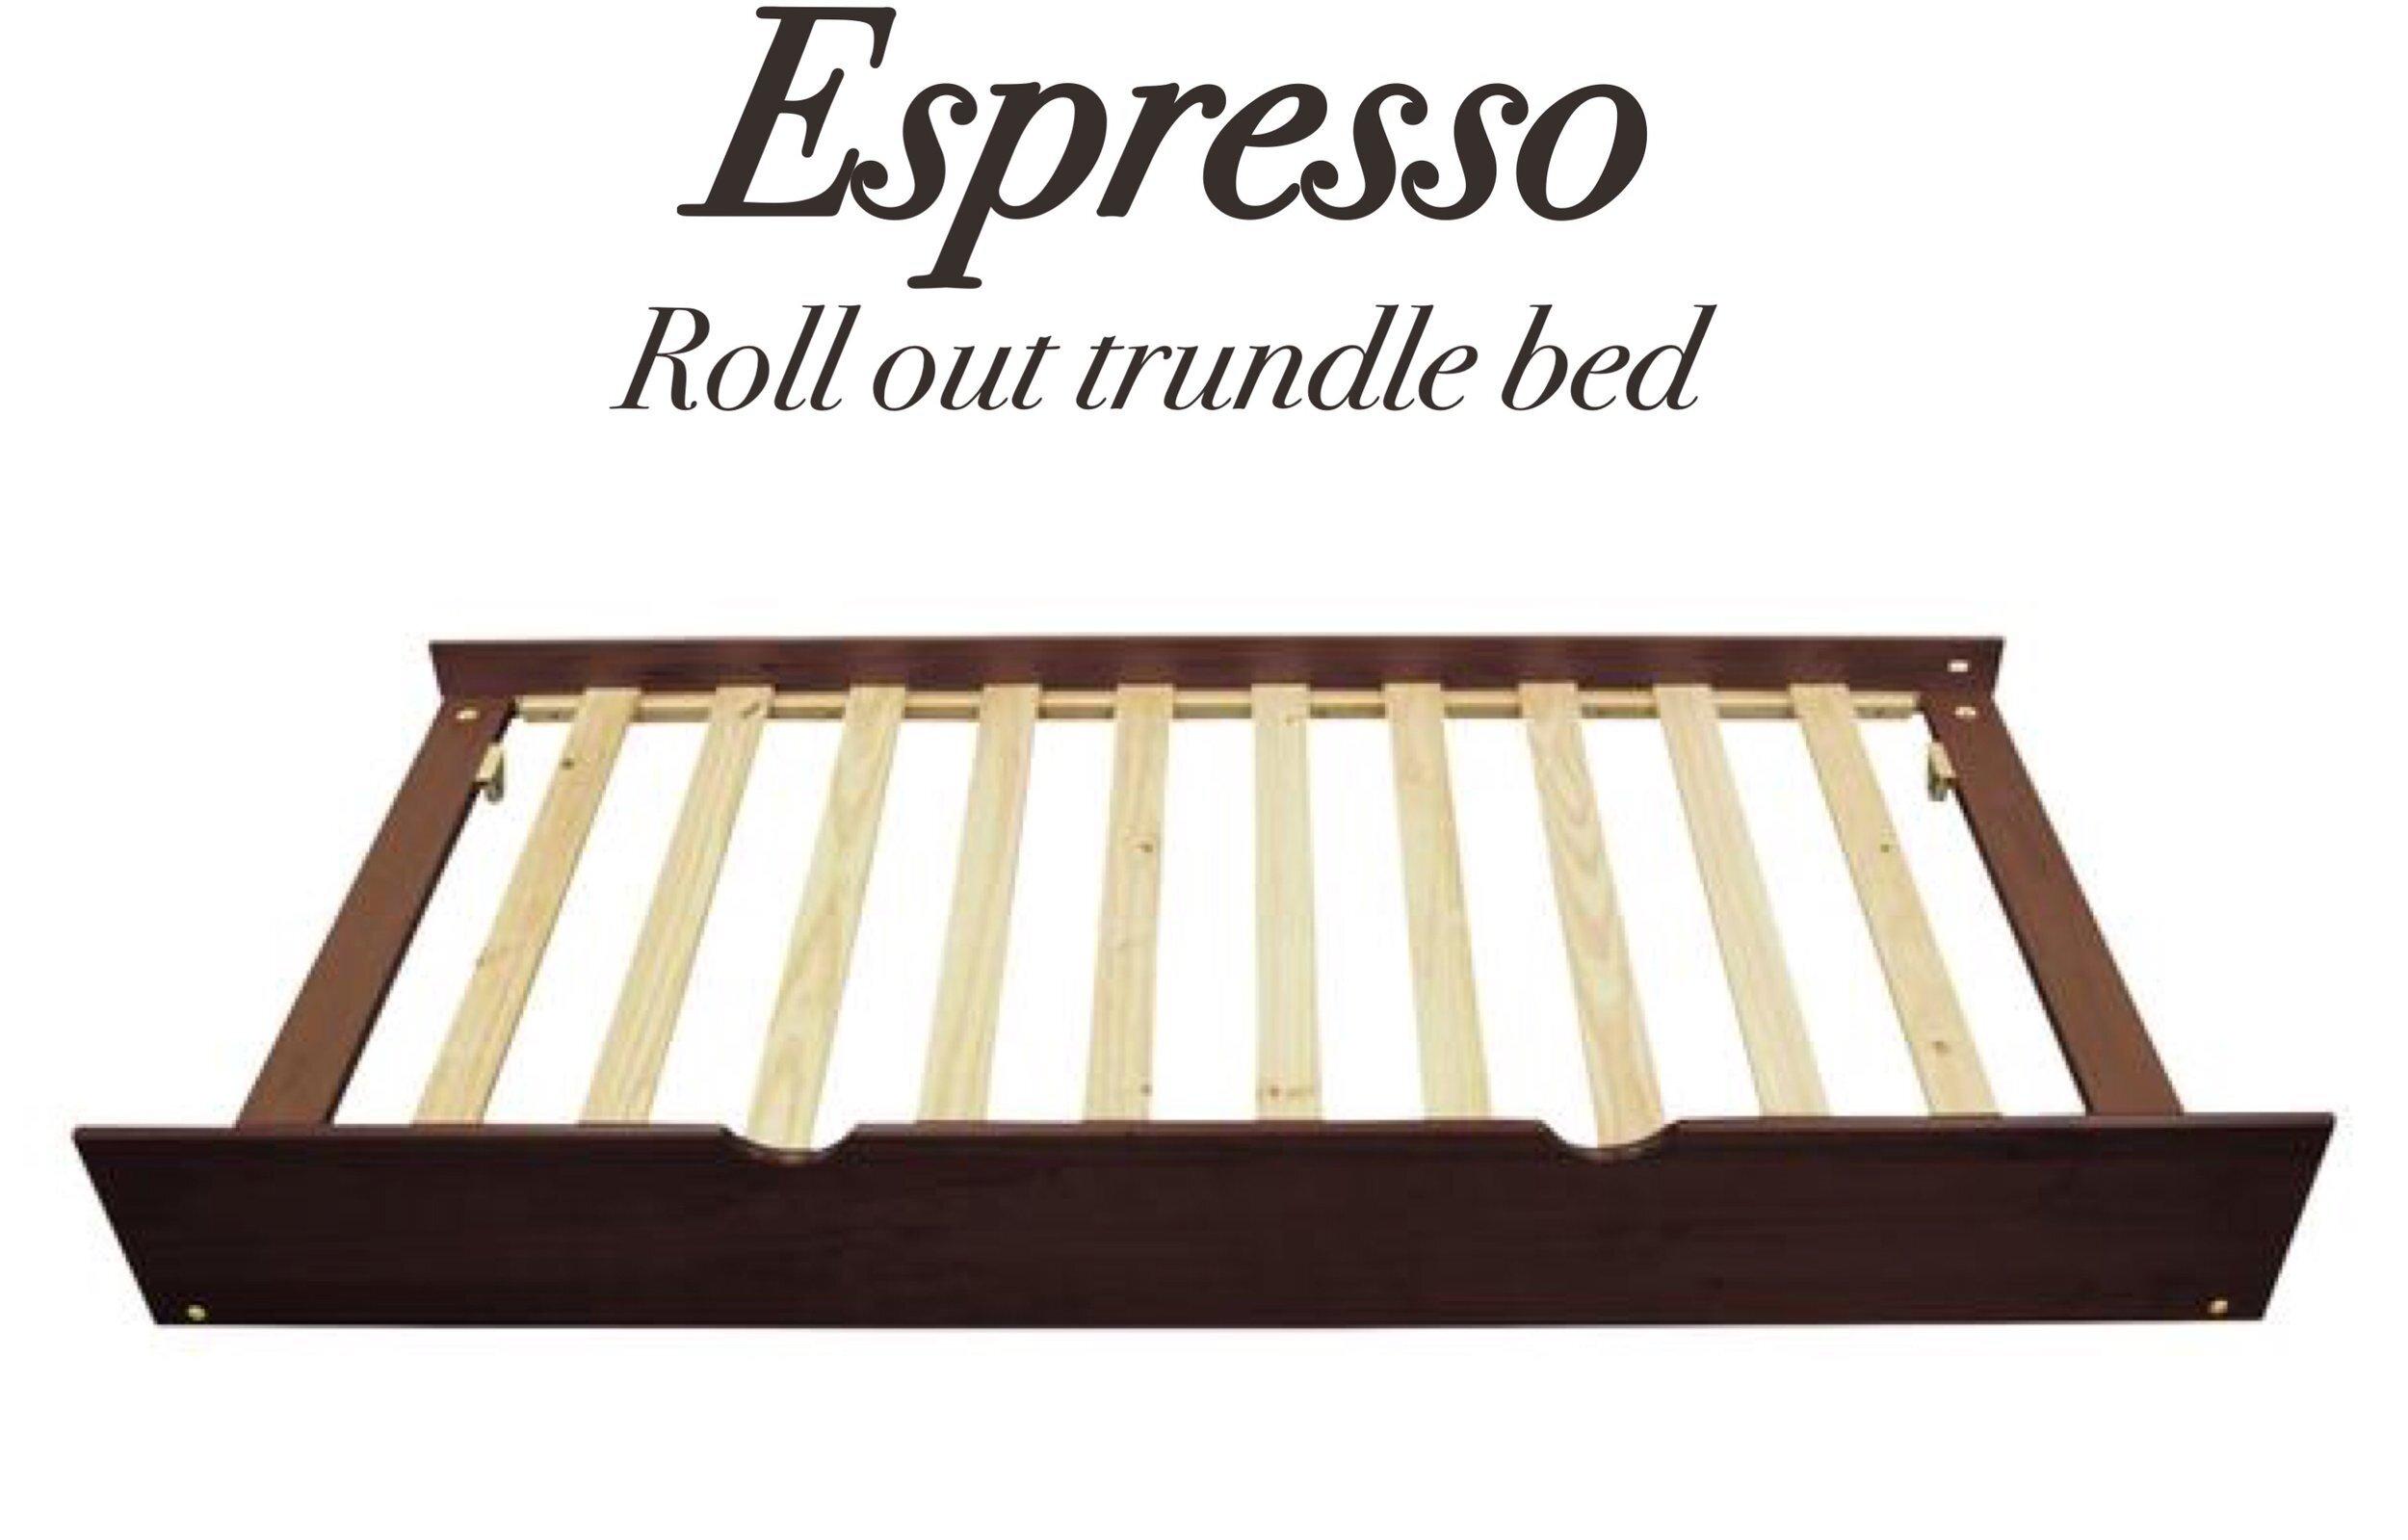 Platform Bedroll Out Trundle In Espressobunk Bedroll Out Trundle In